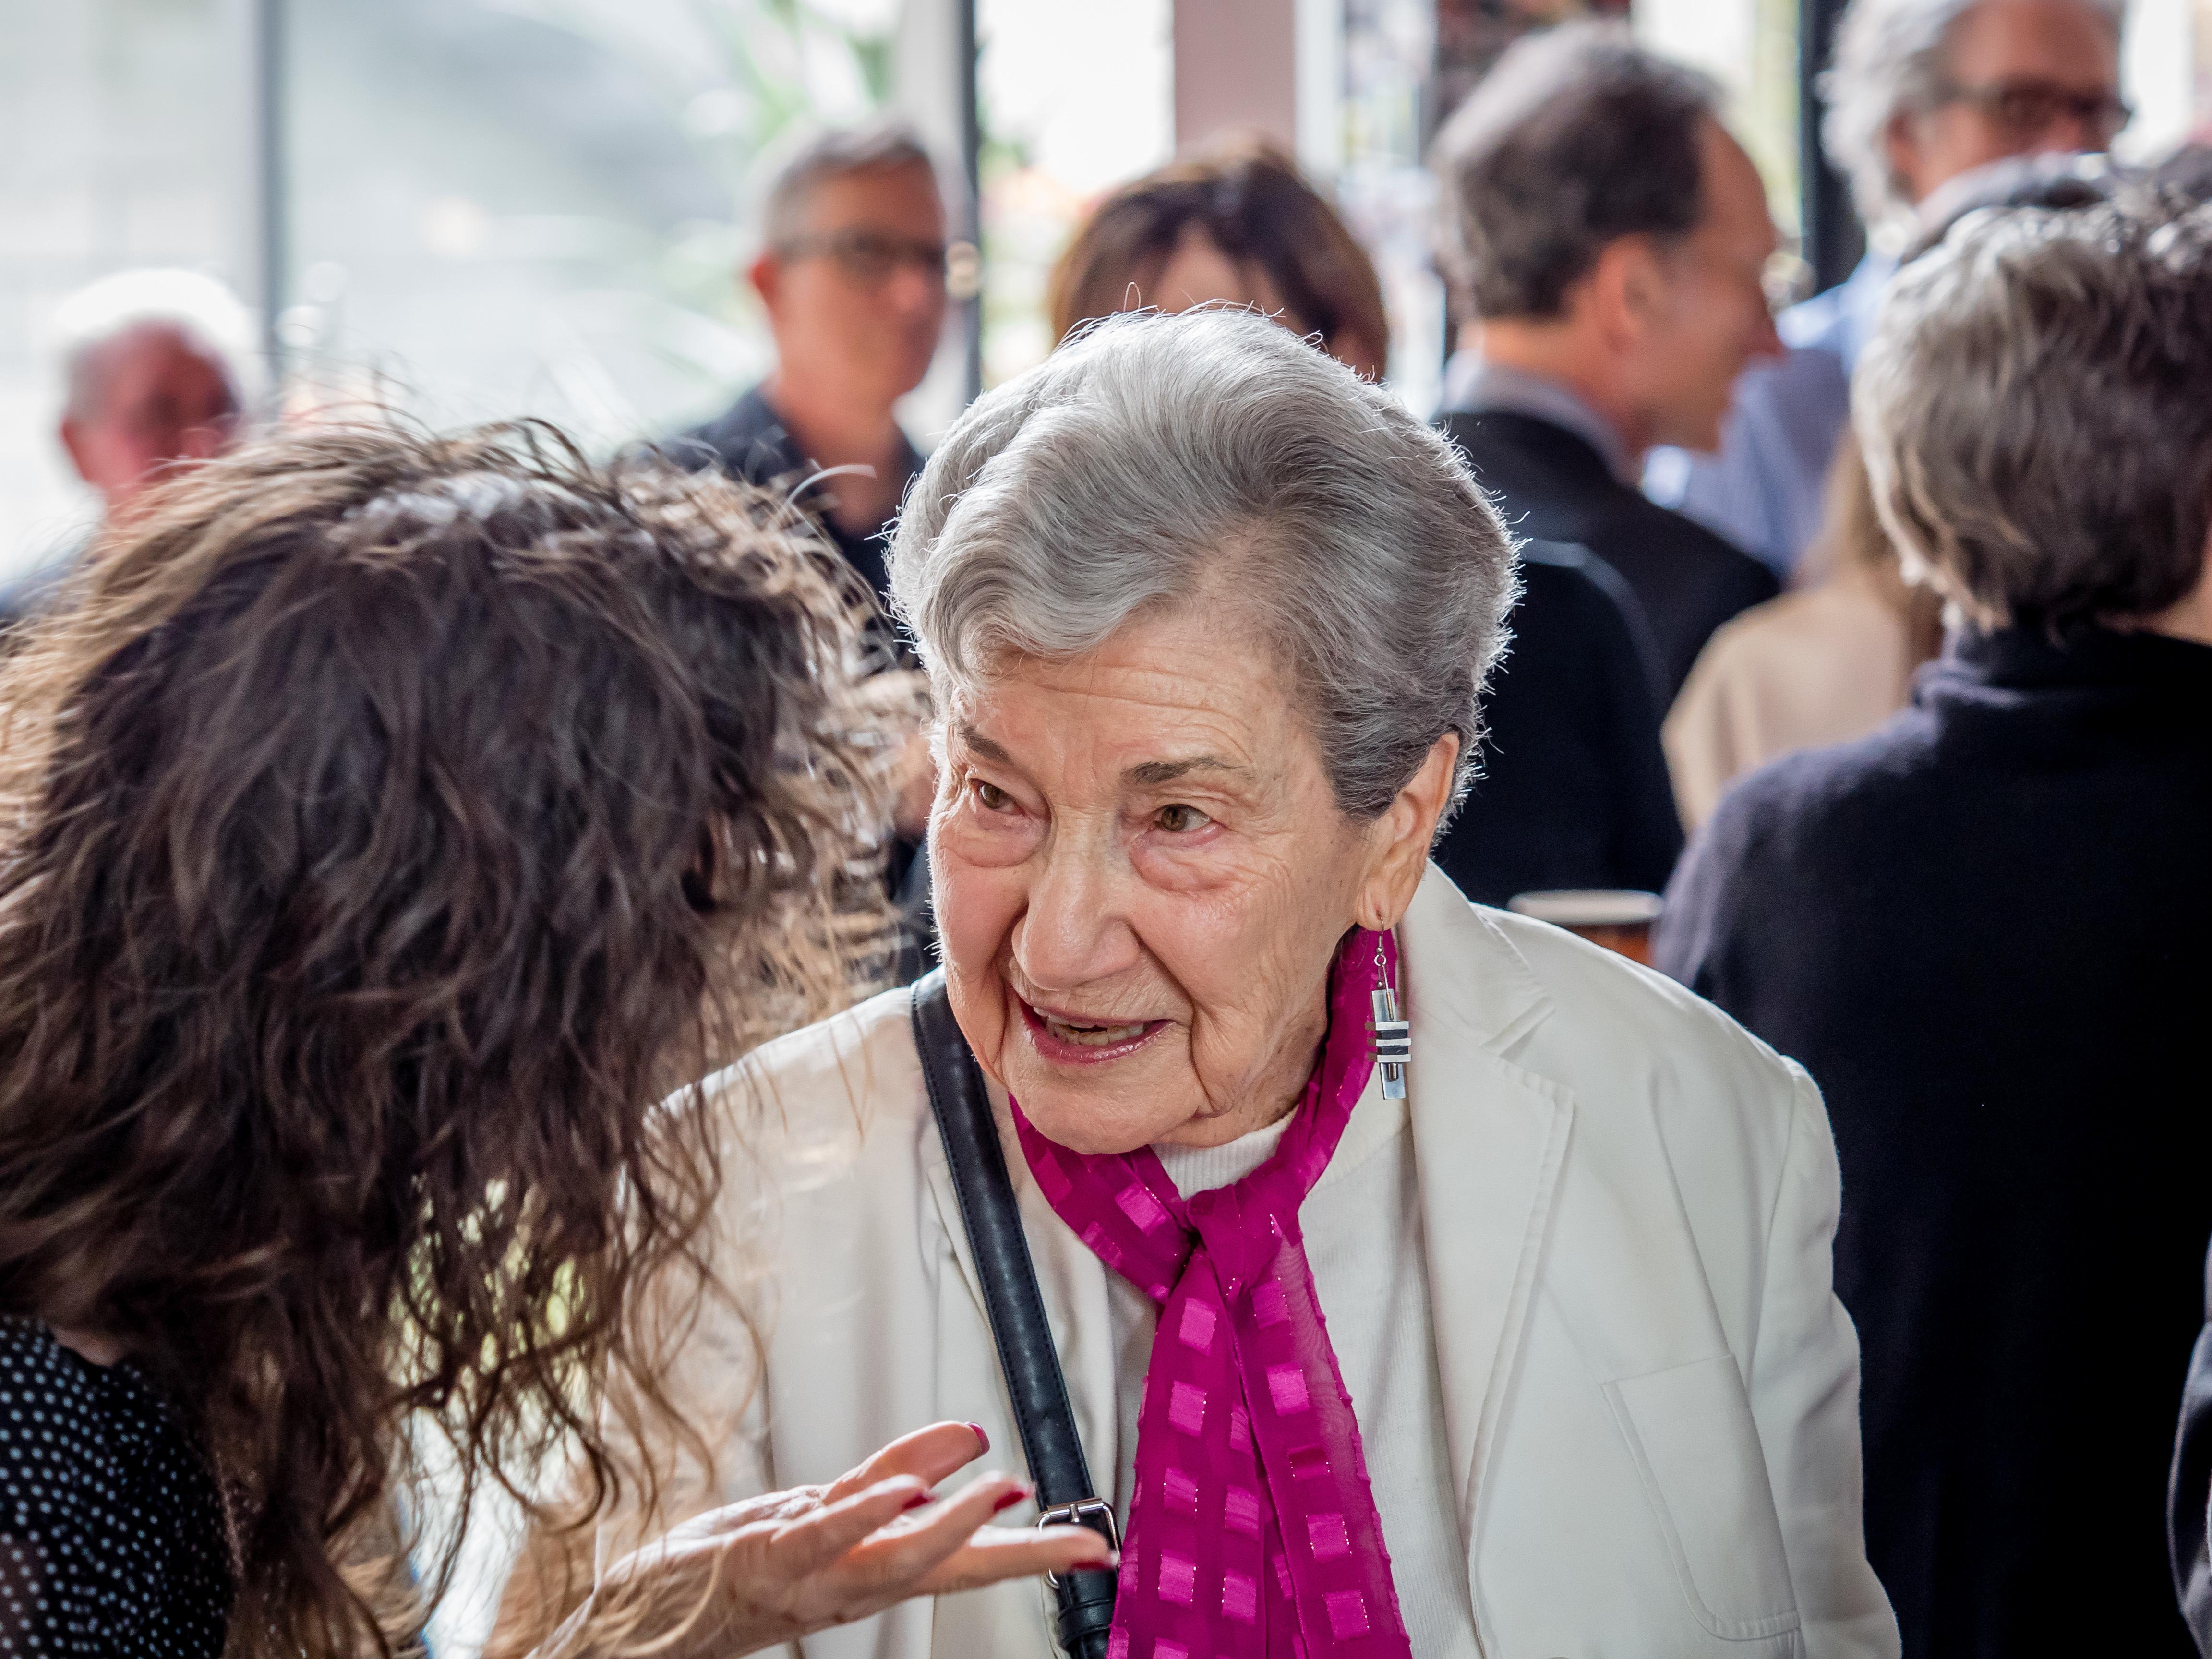 Shelley Kappe 90th birthday celebration